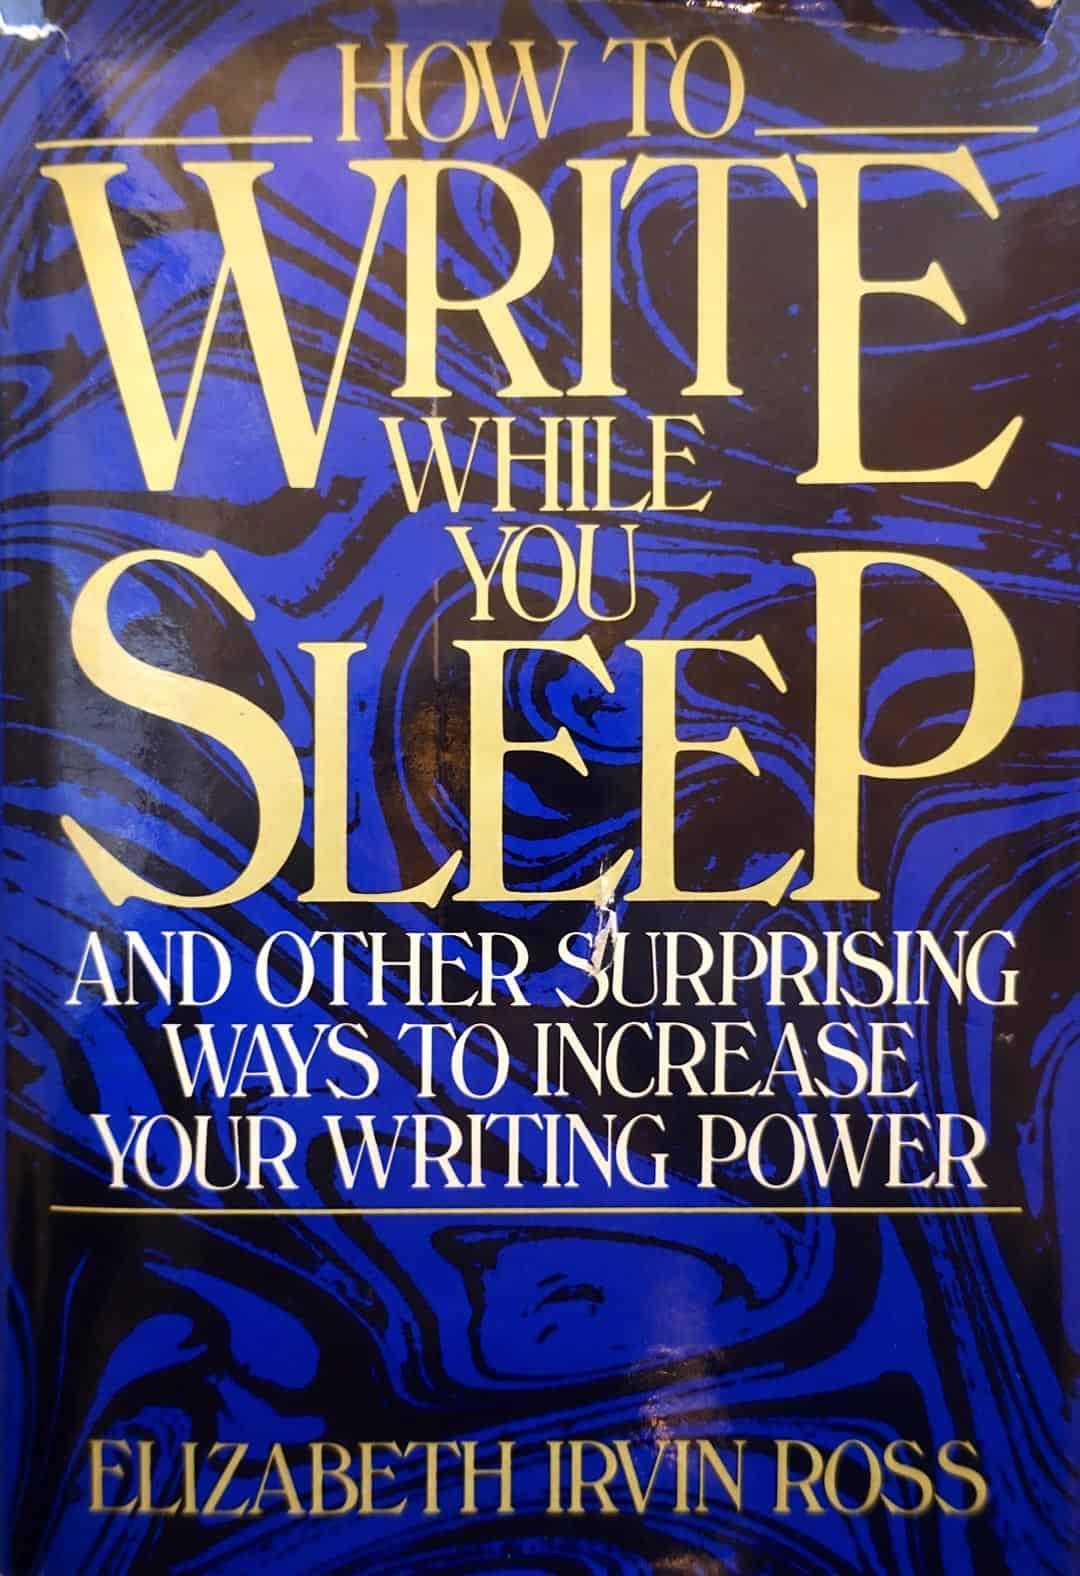 How to write while you sleep